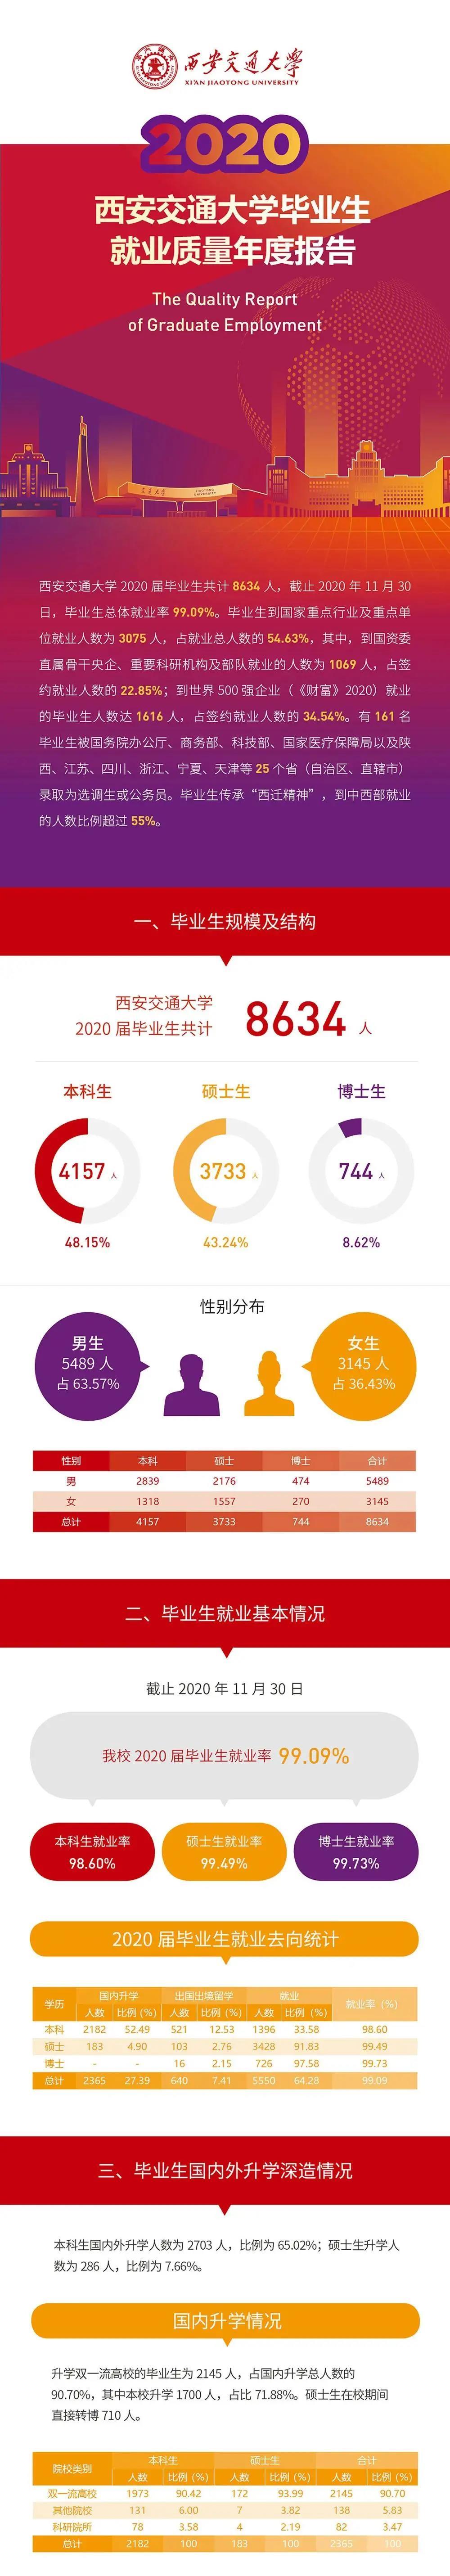 《西安交通大学2020年毕业生就业质量报告》发布